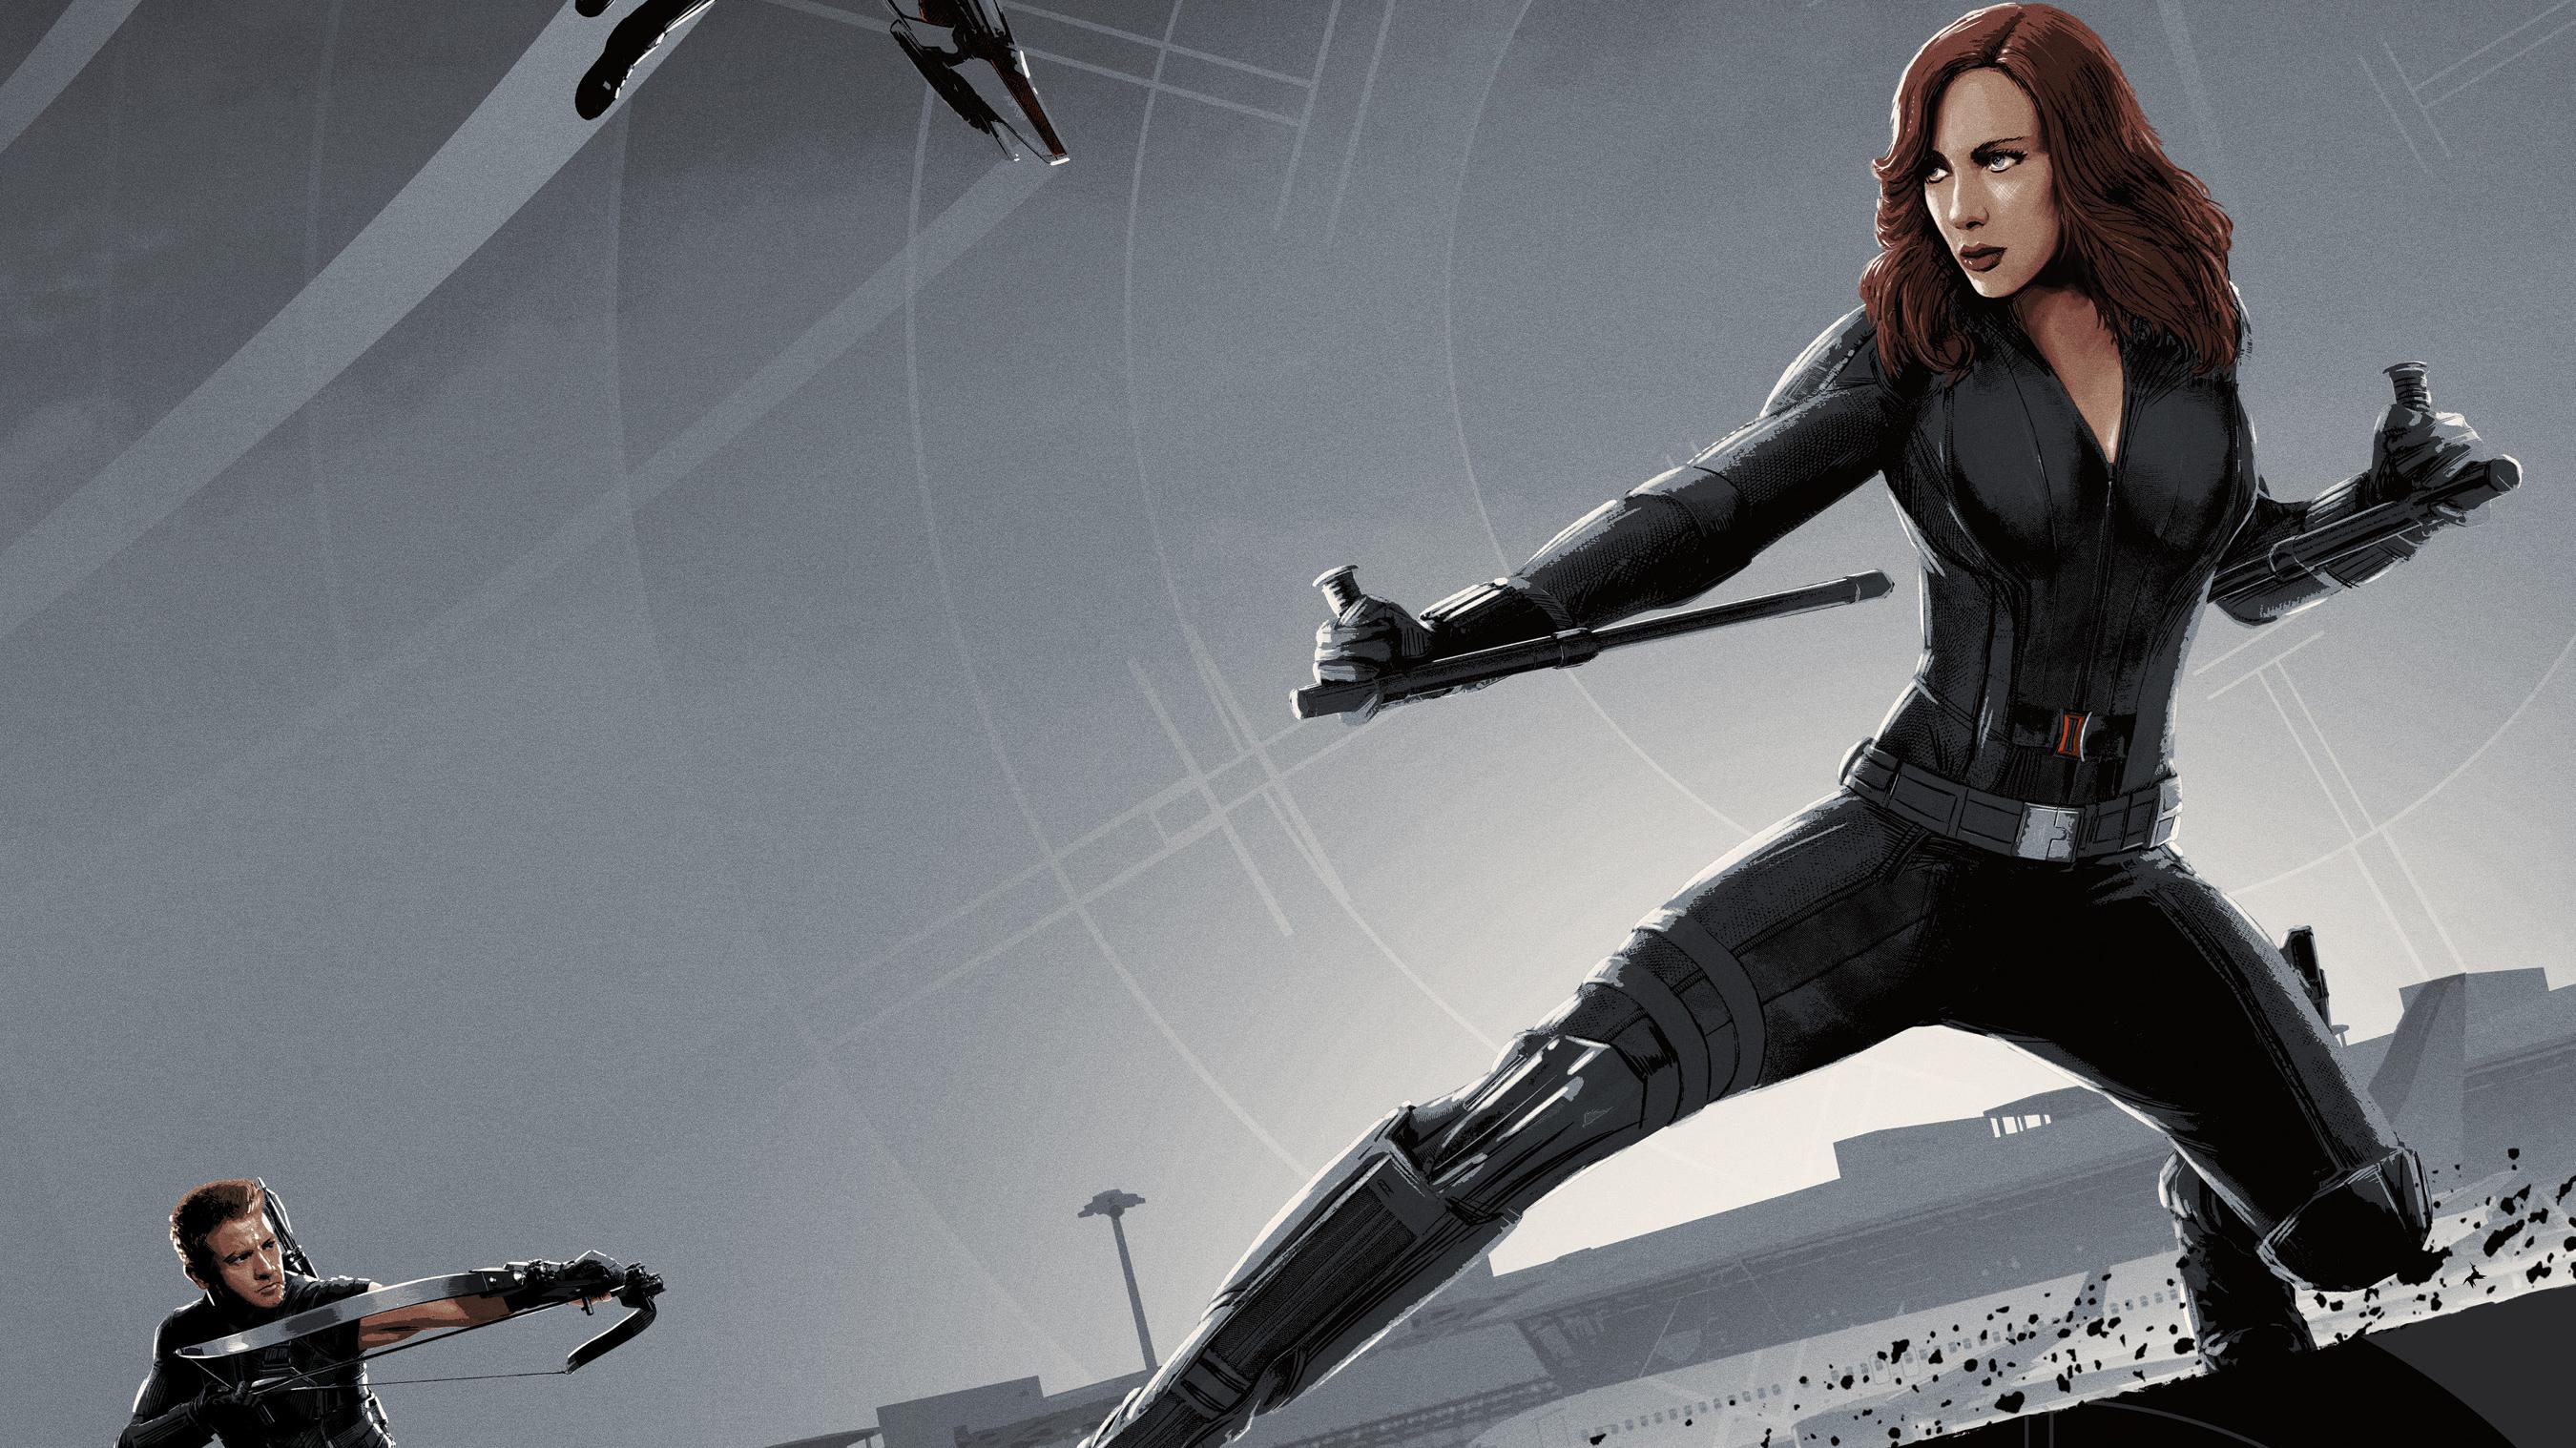 2048x2048 Black Widow Poster Art Ipad Air Hd 4k Wallpapers